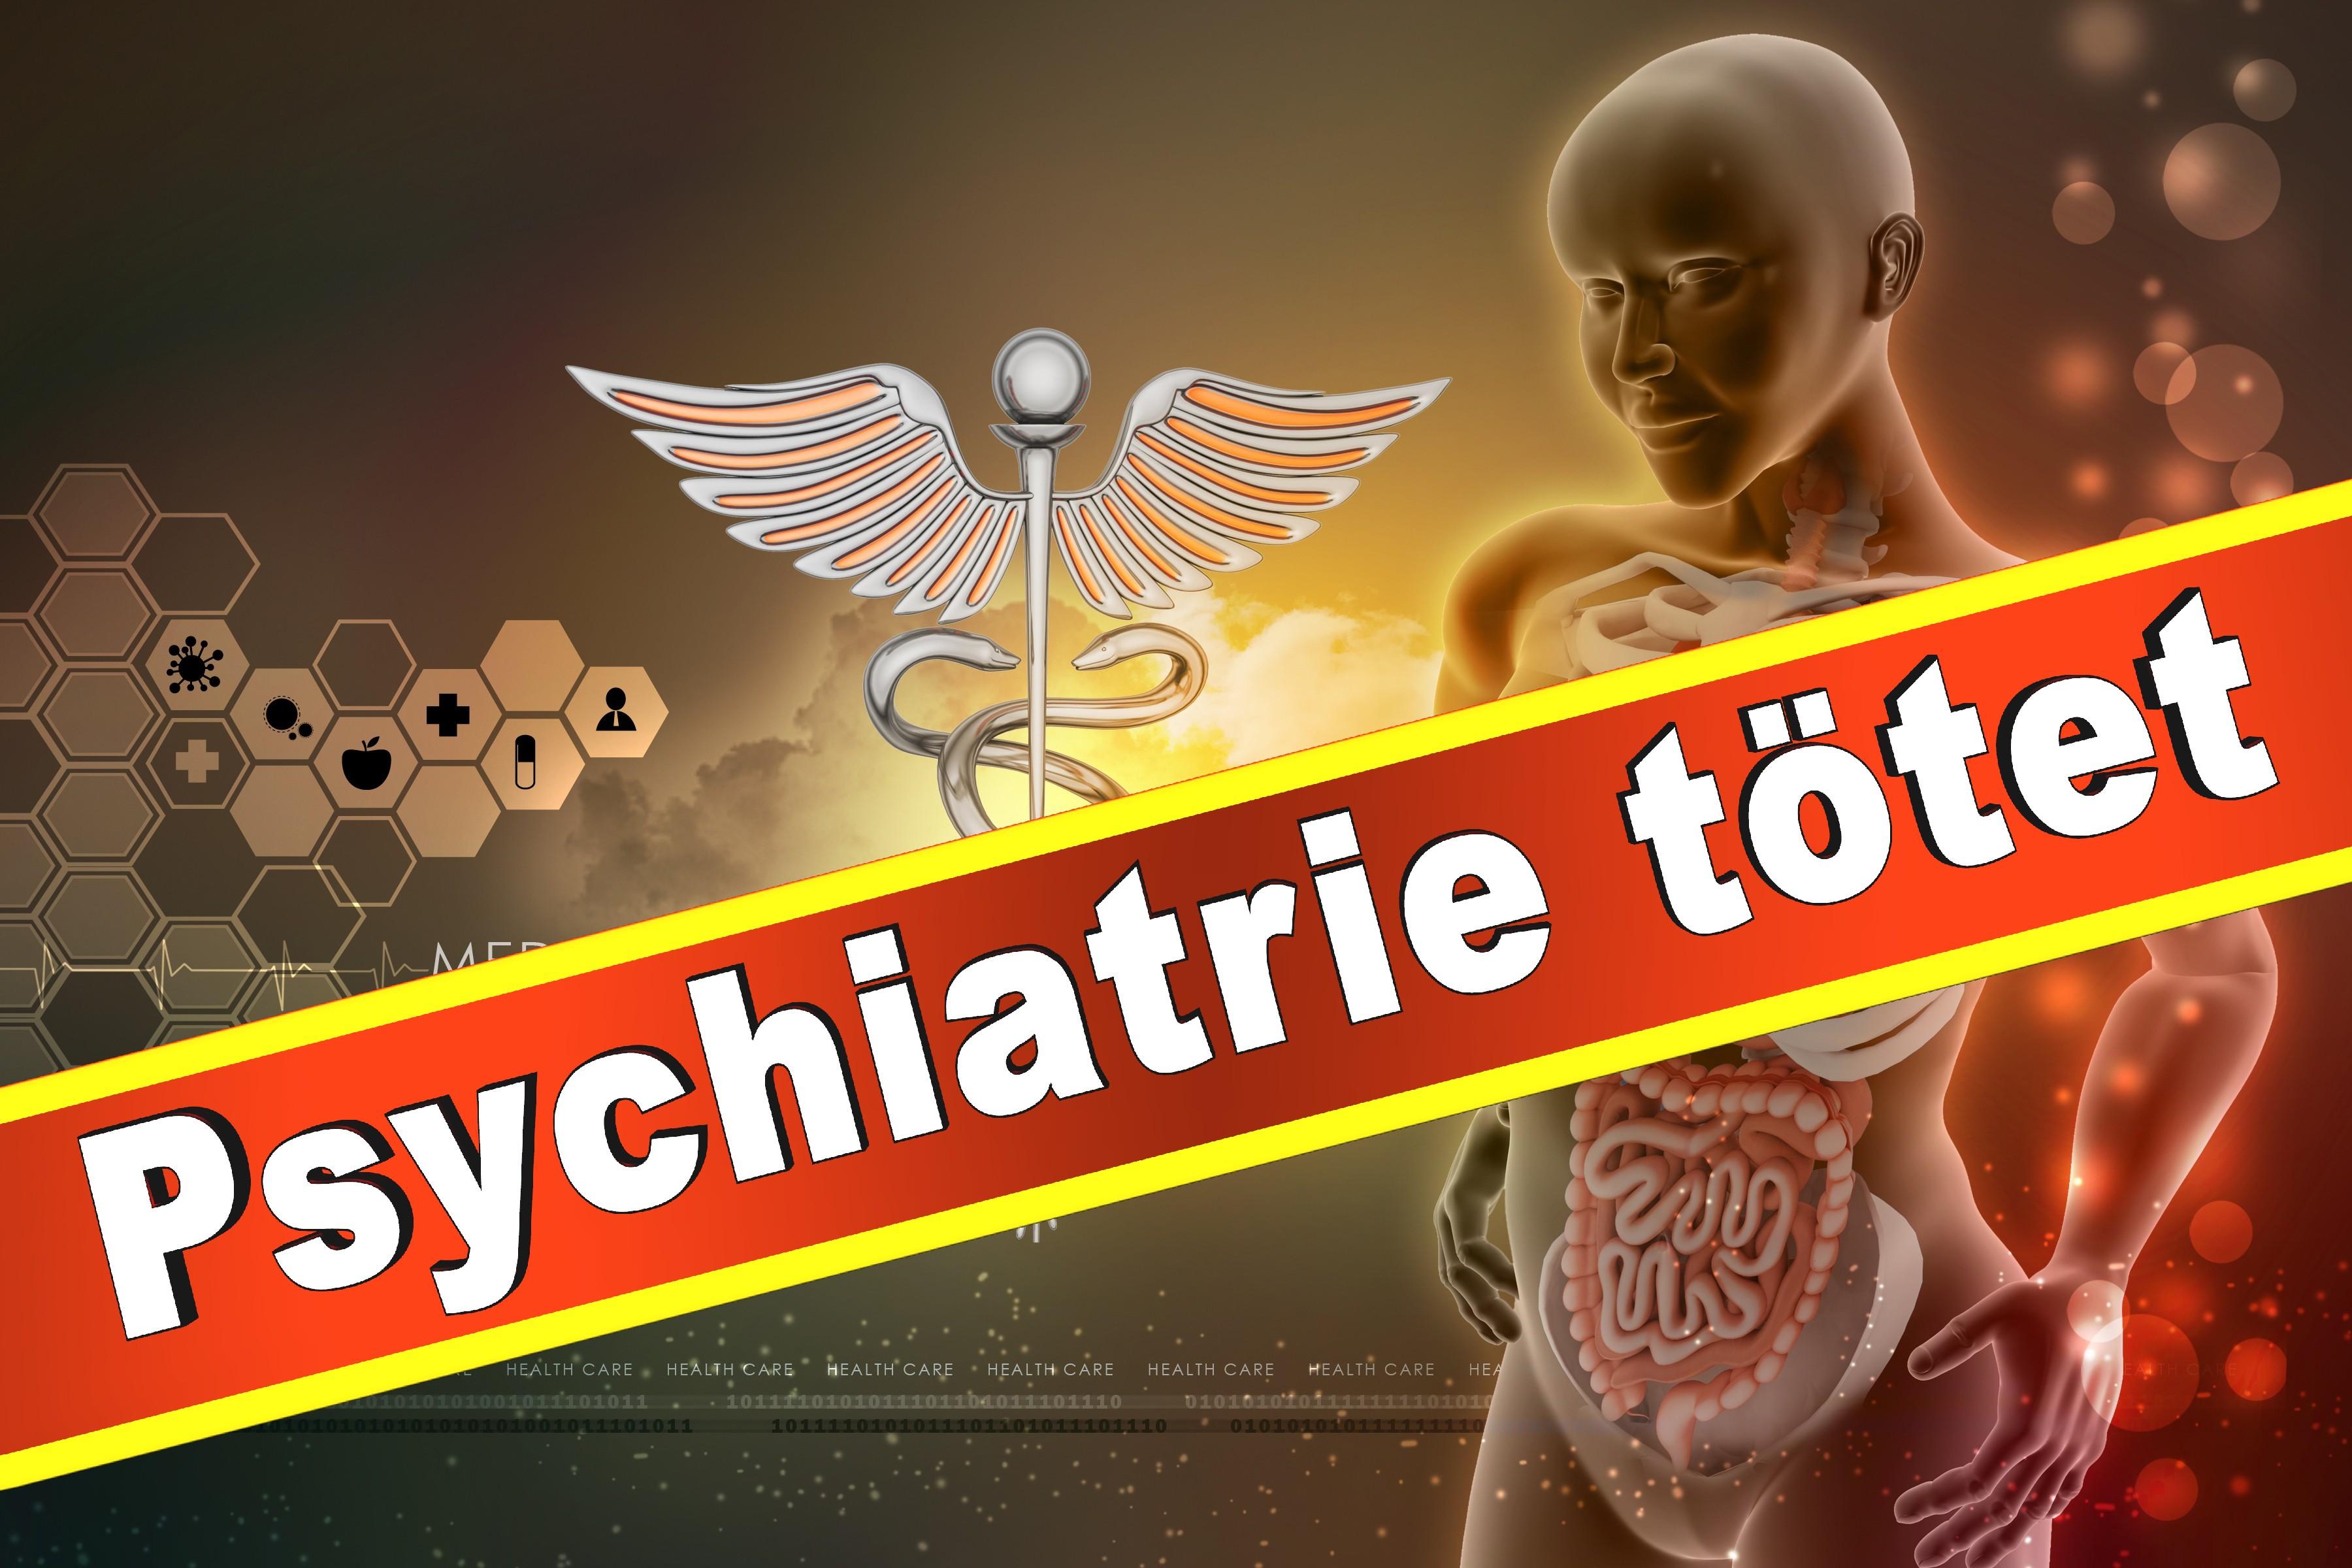 Wielant Machleidt Psychiater Psychotherapeut Professor Praxis Der Interkulturellen Psychiatrie Und Psychotherapie (13)